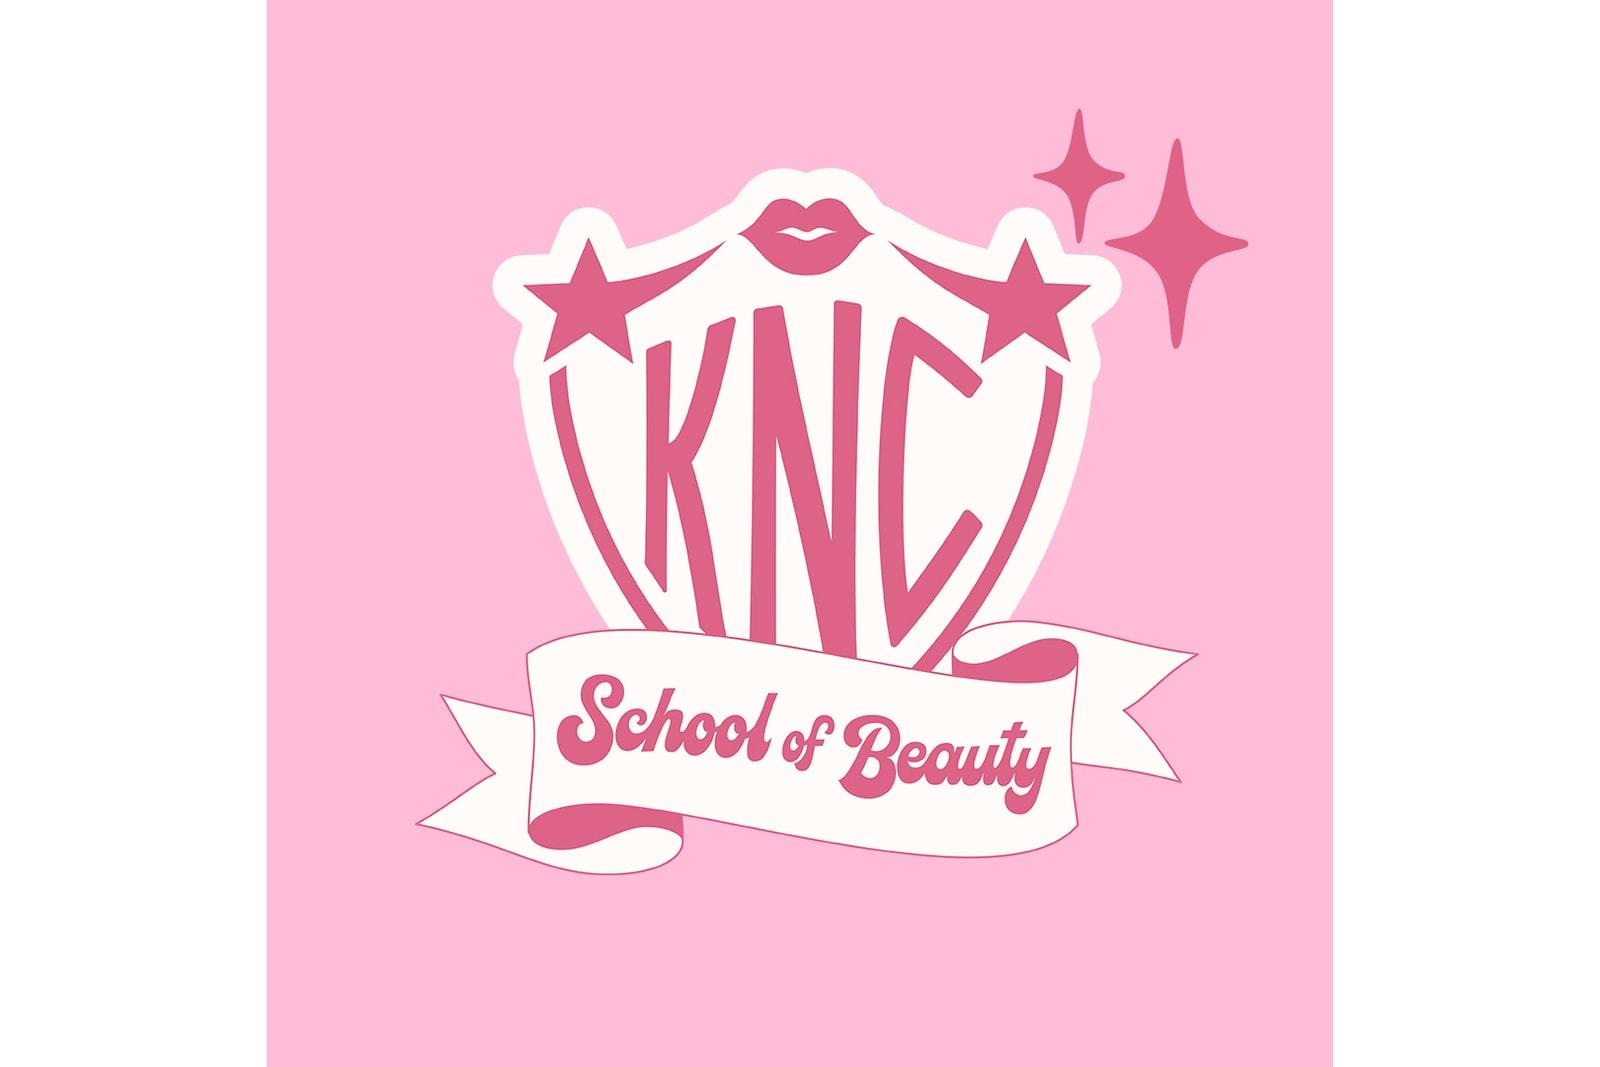 Kristen Noel Crawley KNC Beauty School Initiative Education Black Entrepreneurs